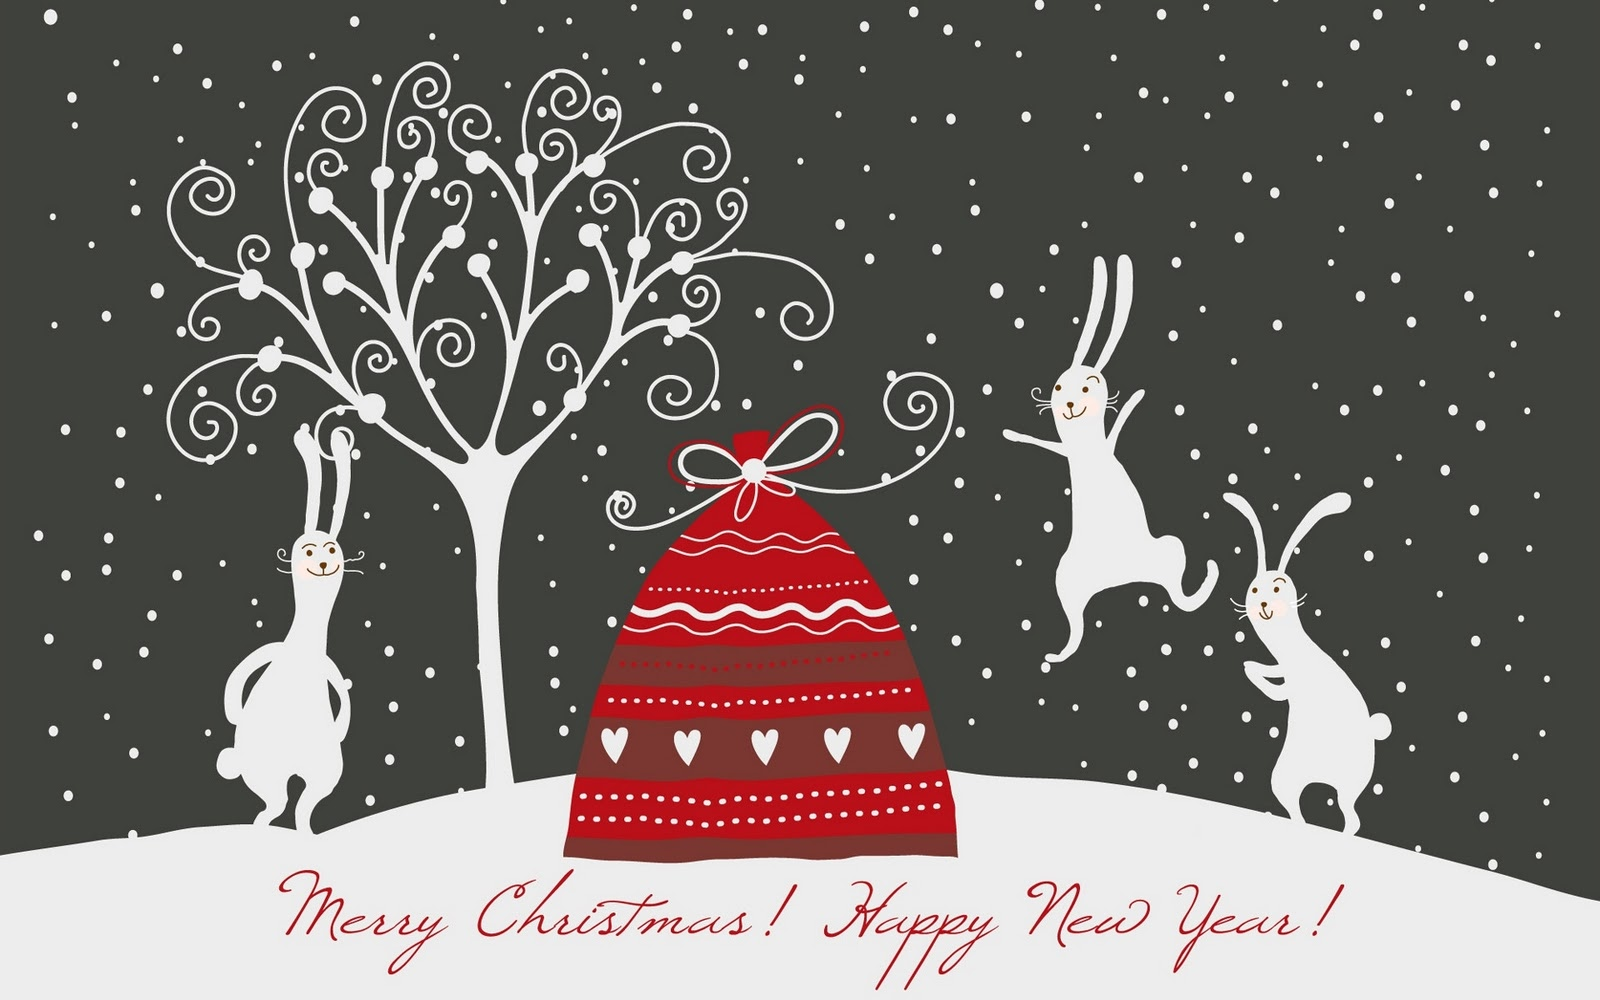 http://4.bp.blogspot.com/-DyO8UXObZvo/Tse1_xnOGEI/AAAAAAAATJc/-suz3YZbKE8/s1600/Mooie-happy-new-year-achtergronden-gelukkig-nieuwjaar-wallpapers-afbeelding-4.jpg